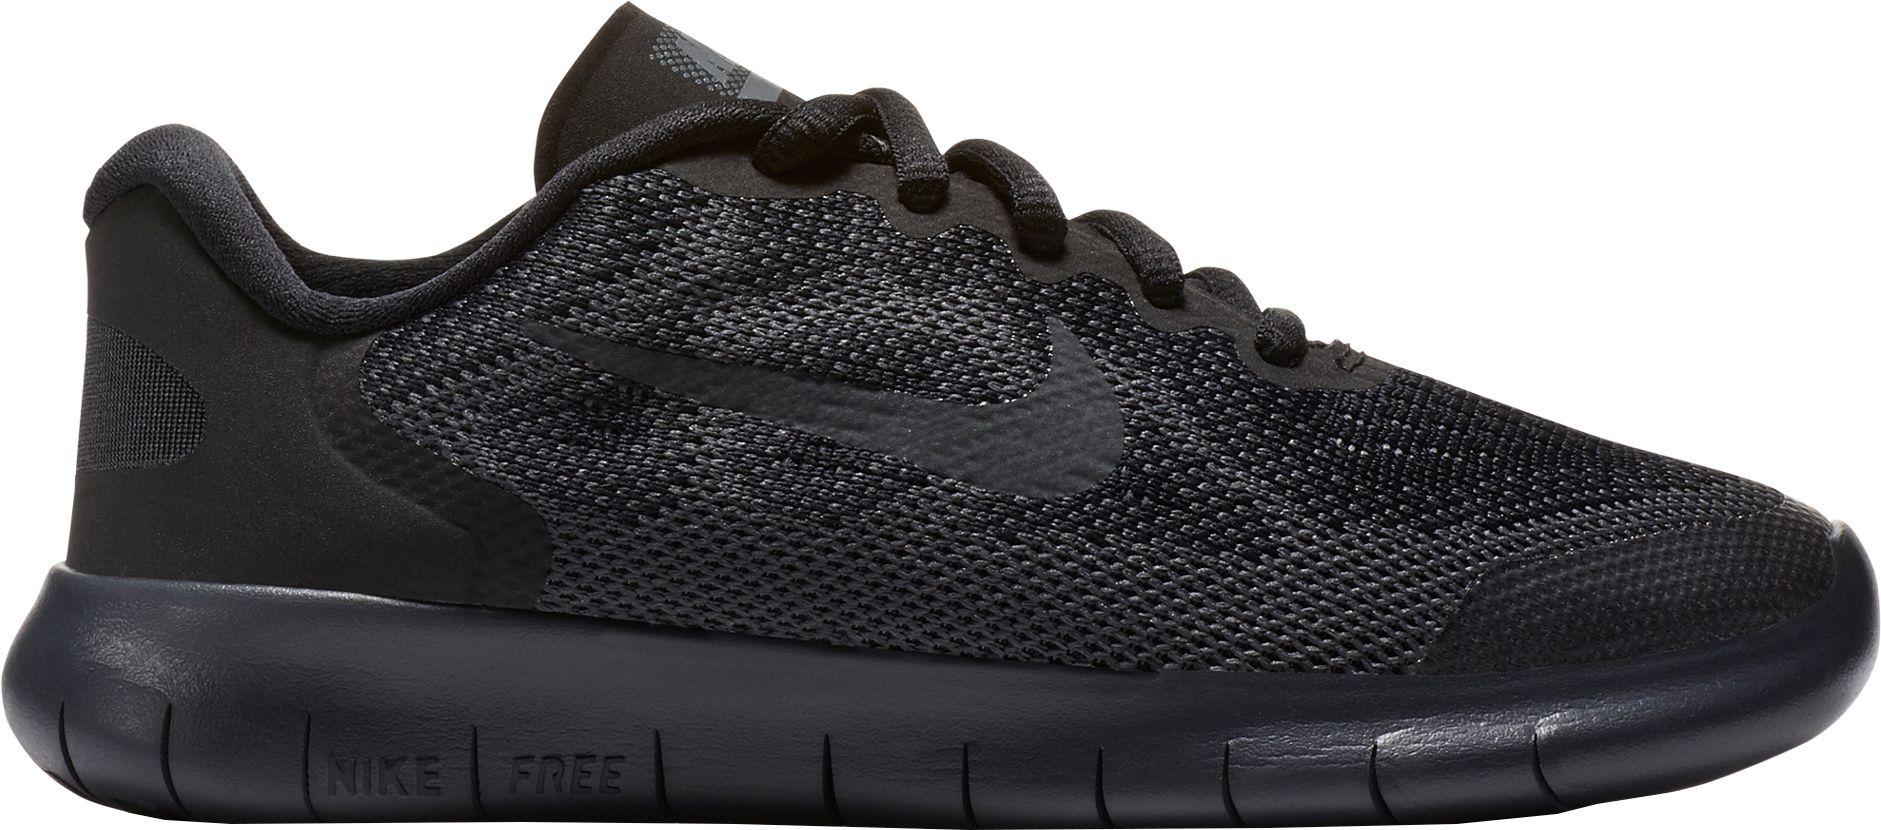 Jeunes Nike Libre Rn 2017 Noir